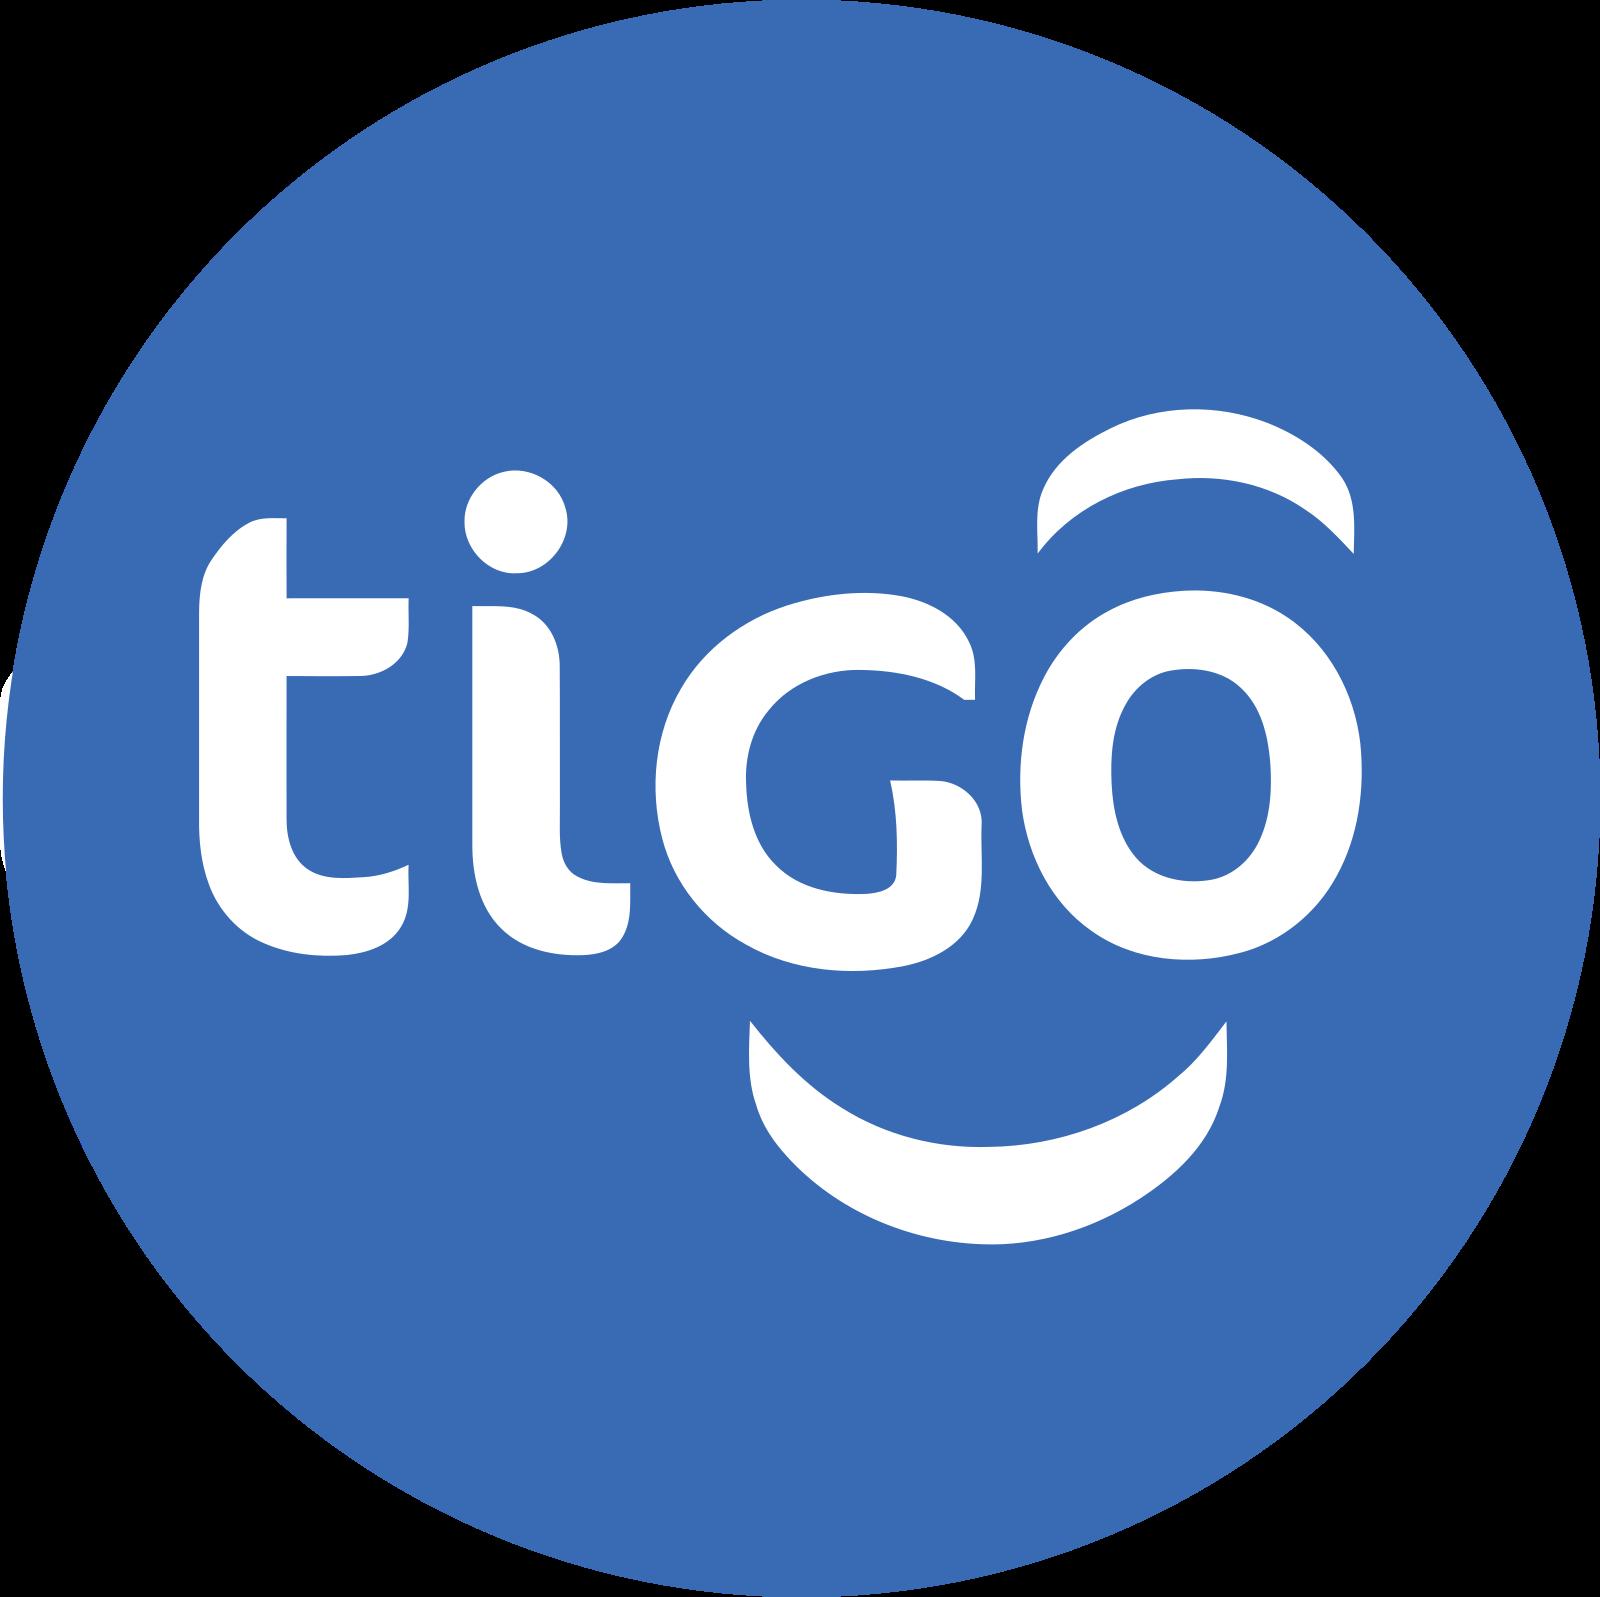 tigo-logo-5